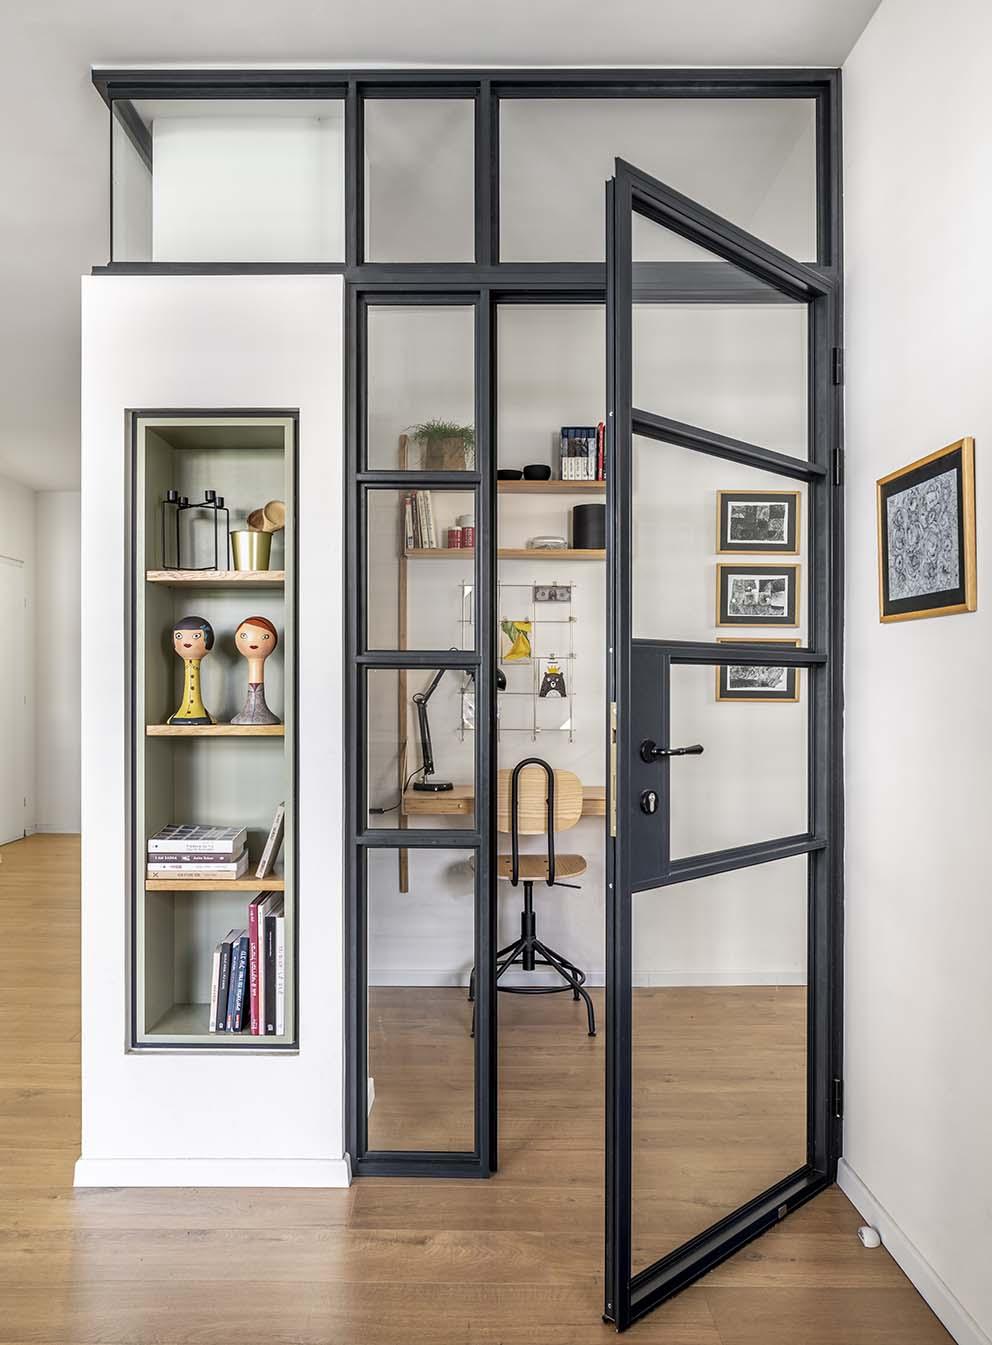 אדריכלות ועיצוב: שירה אפק, צילום: יואב פלד, www.pnim.co.il